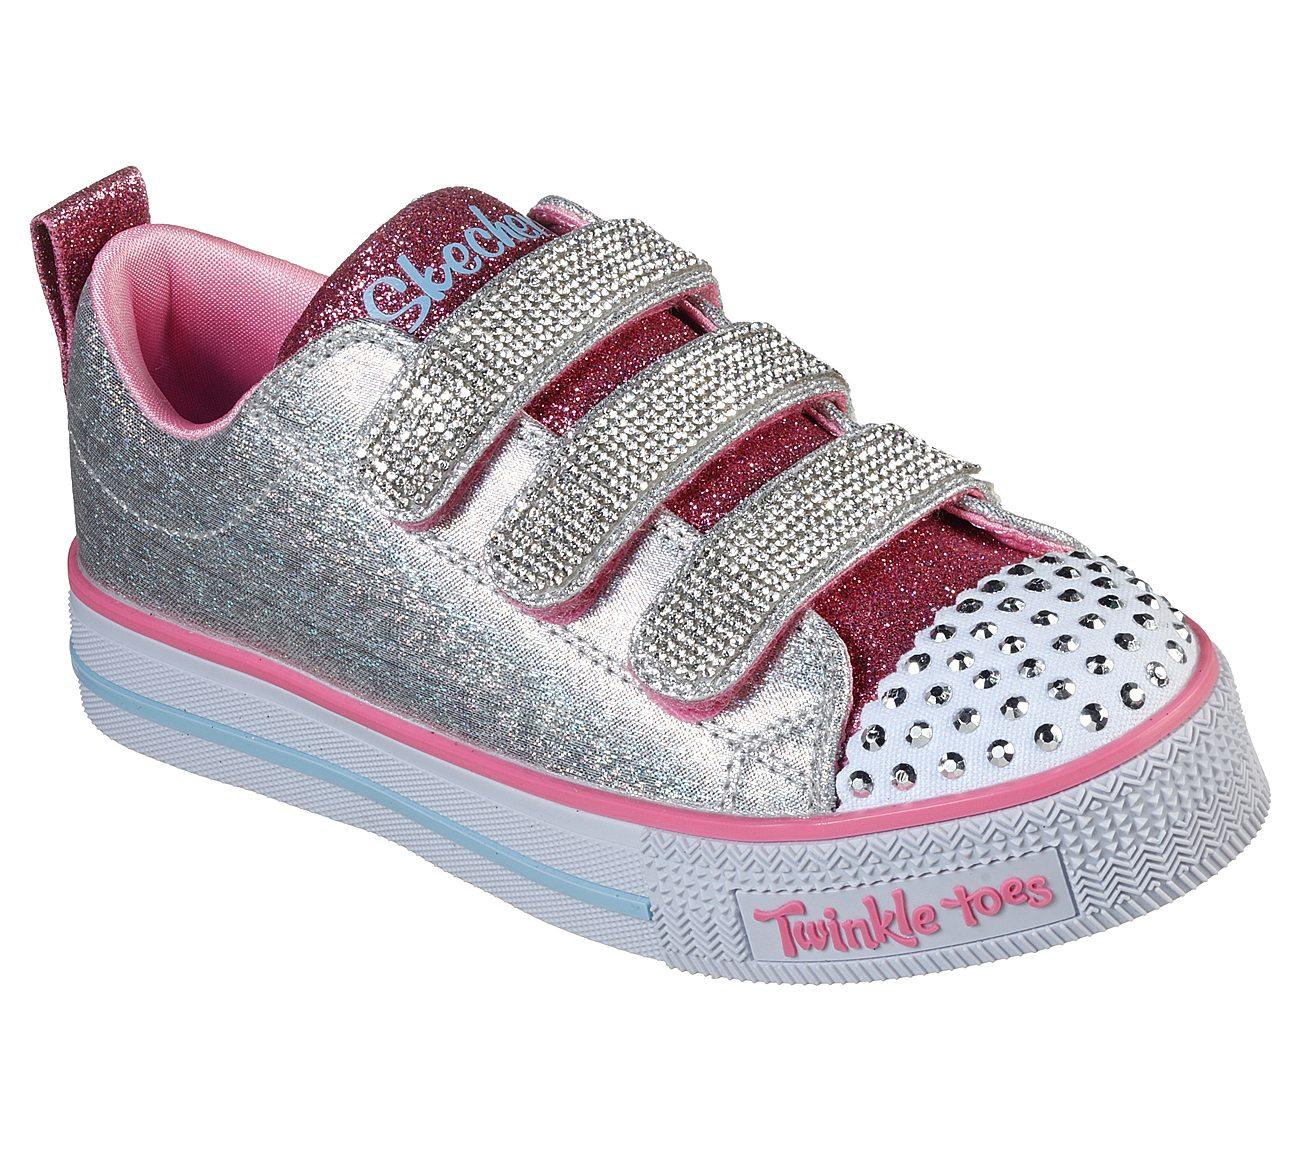 Dreamin' Sparkle SKECHERS Twinkle Toes